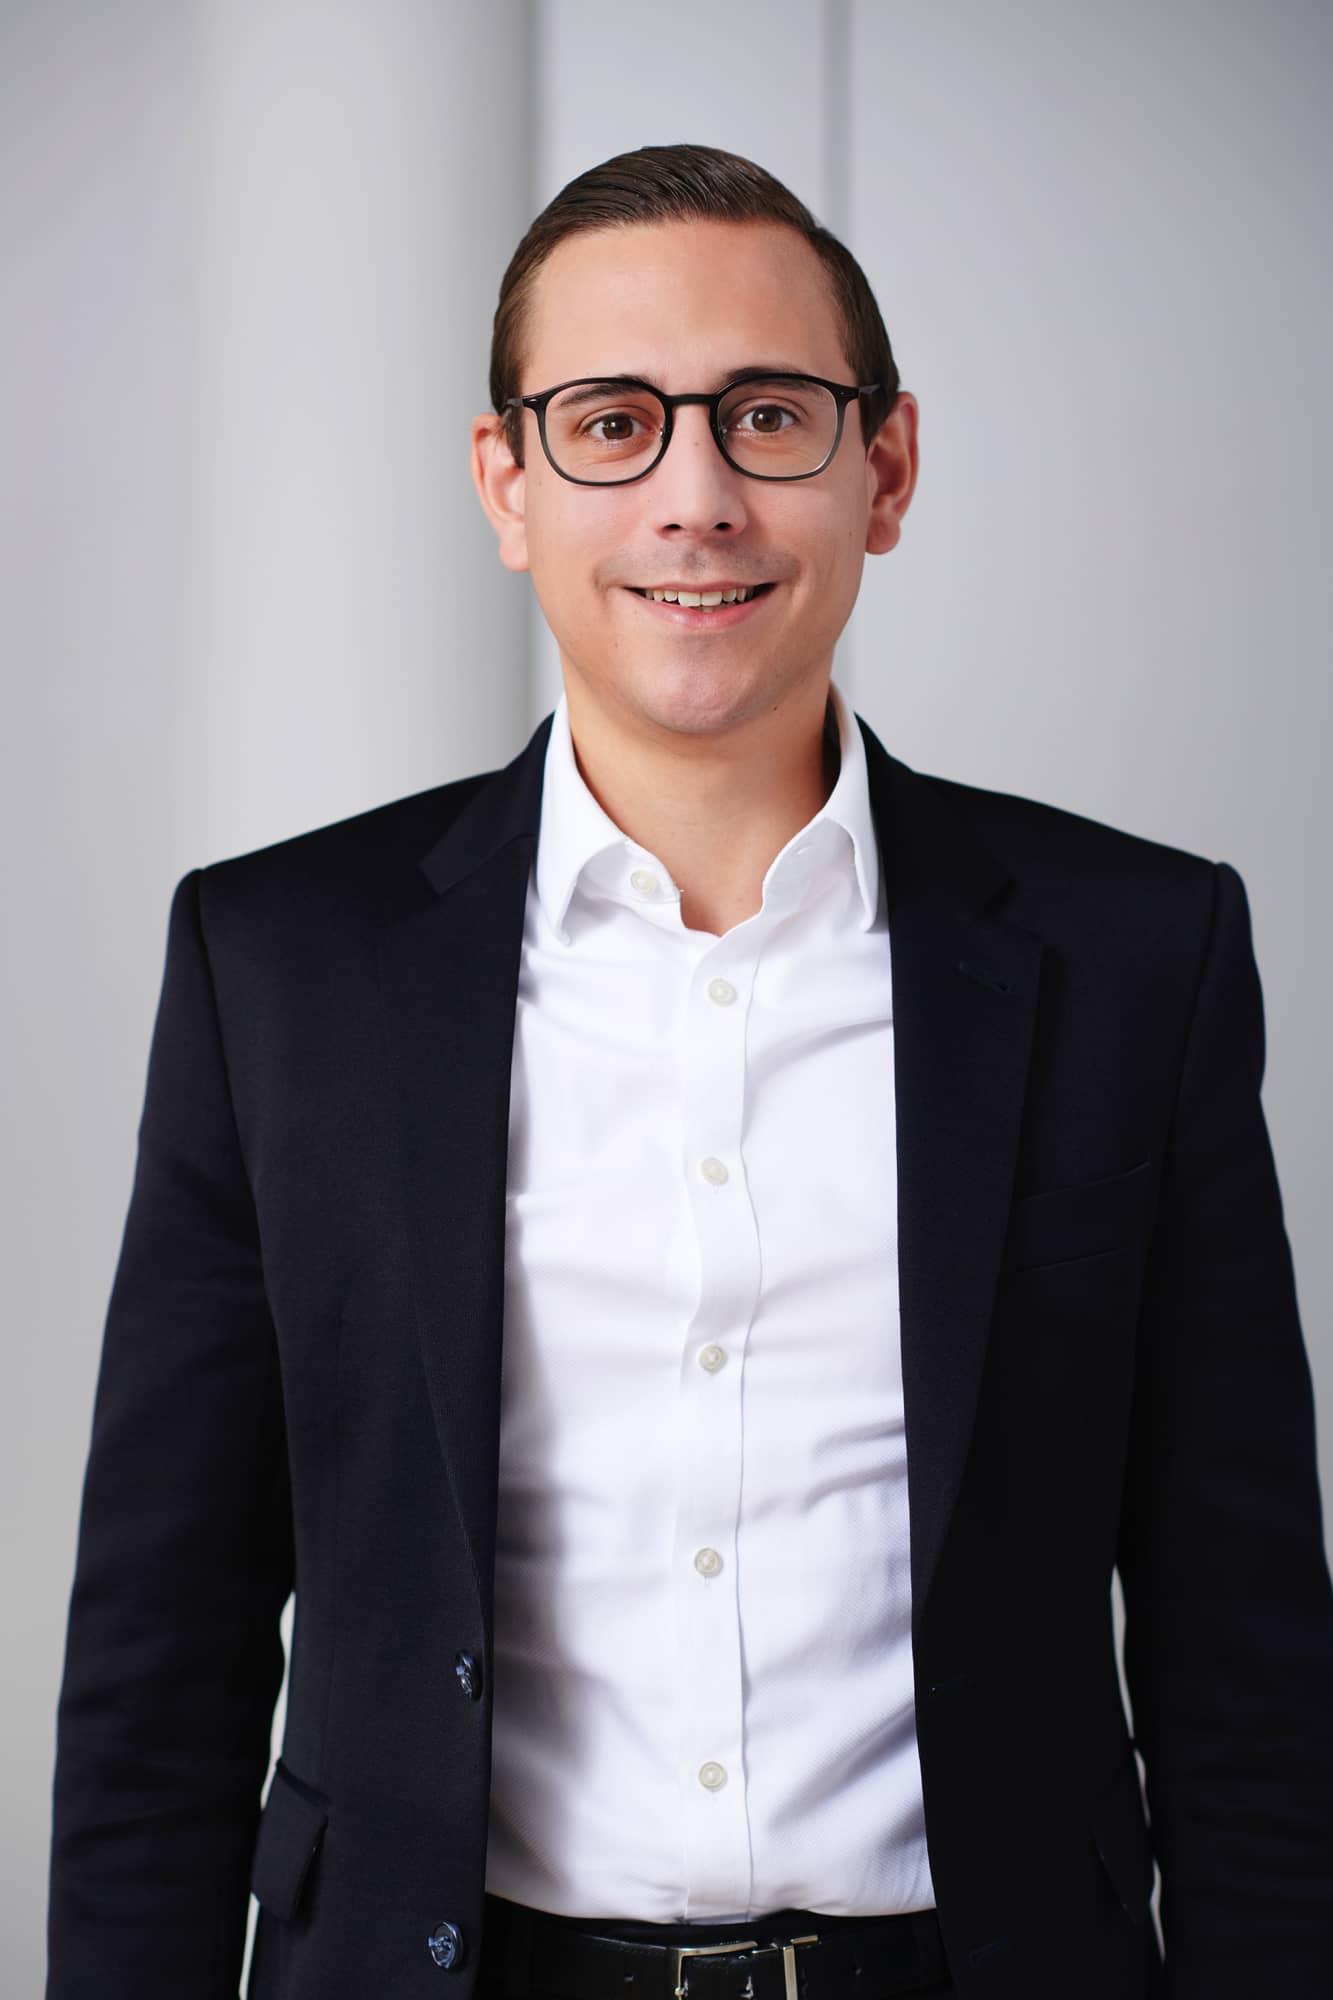 Florian Schemm